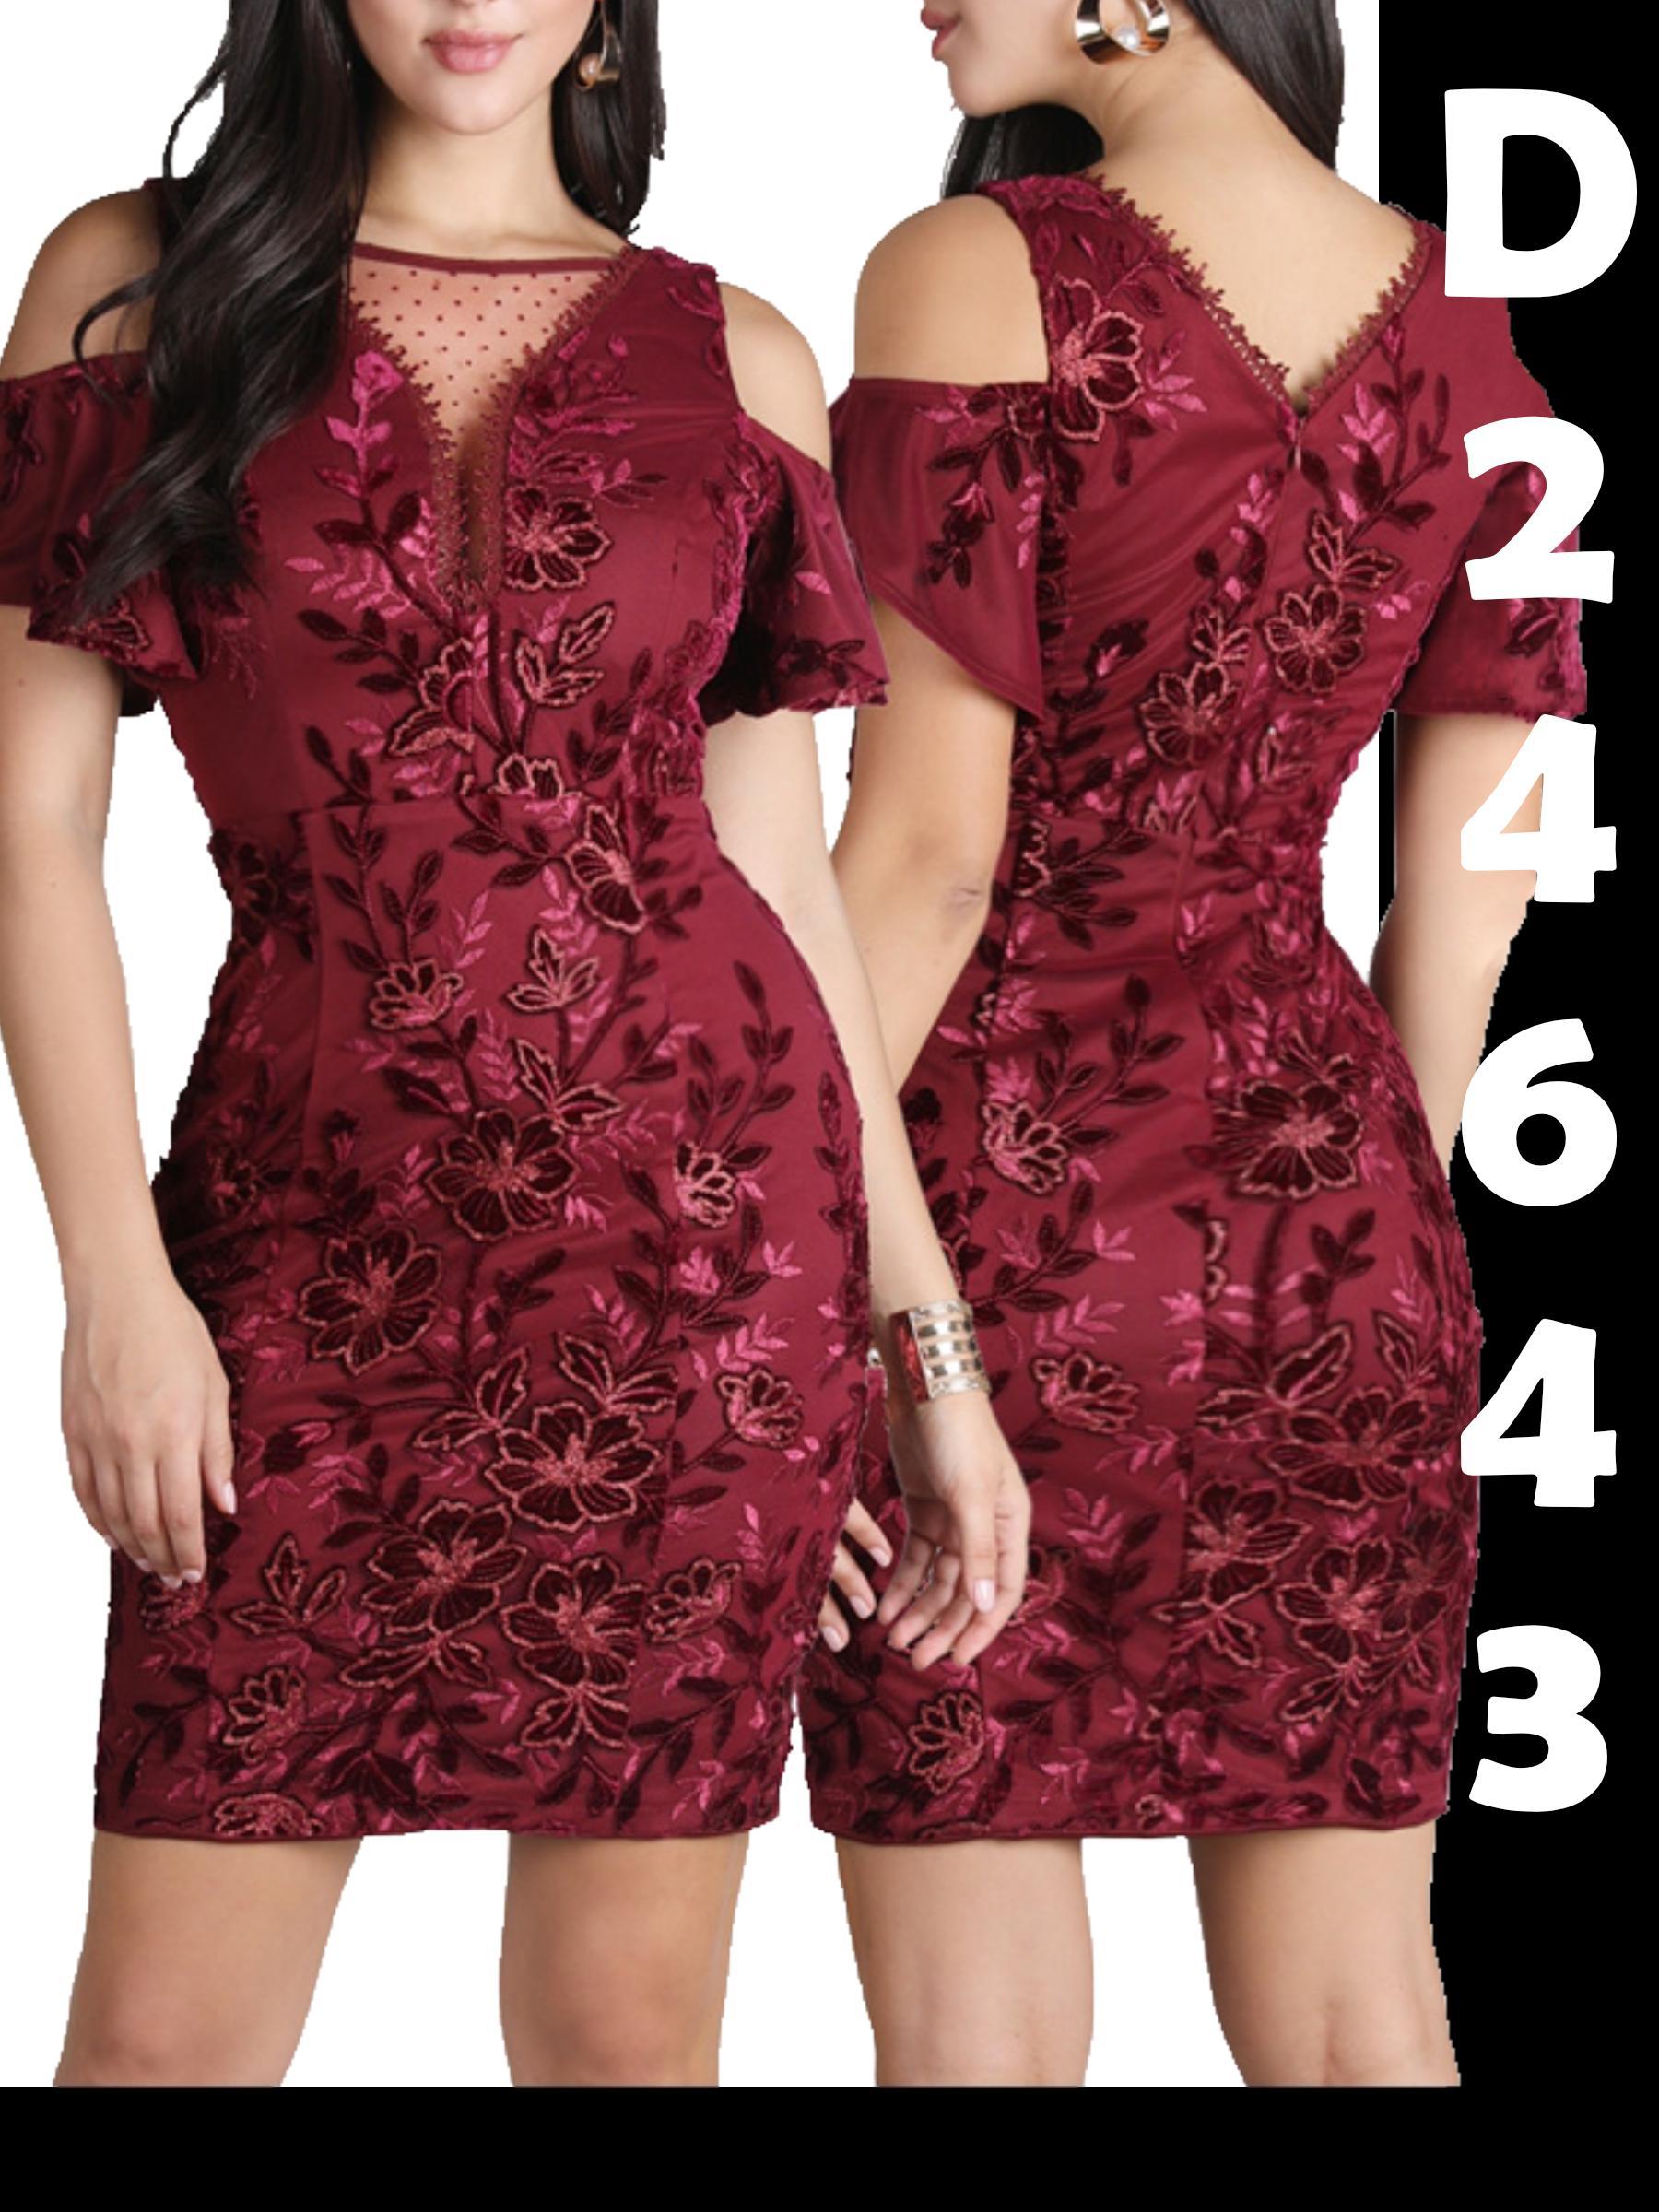 Vestido Corto Americano de Moda para Dama, diseño exclusivo